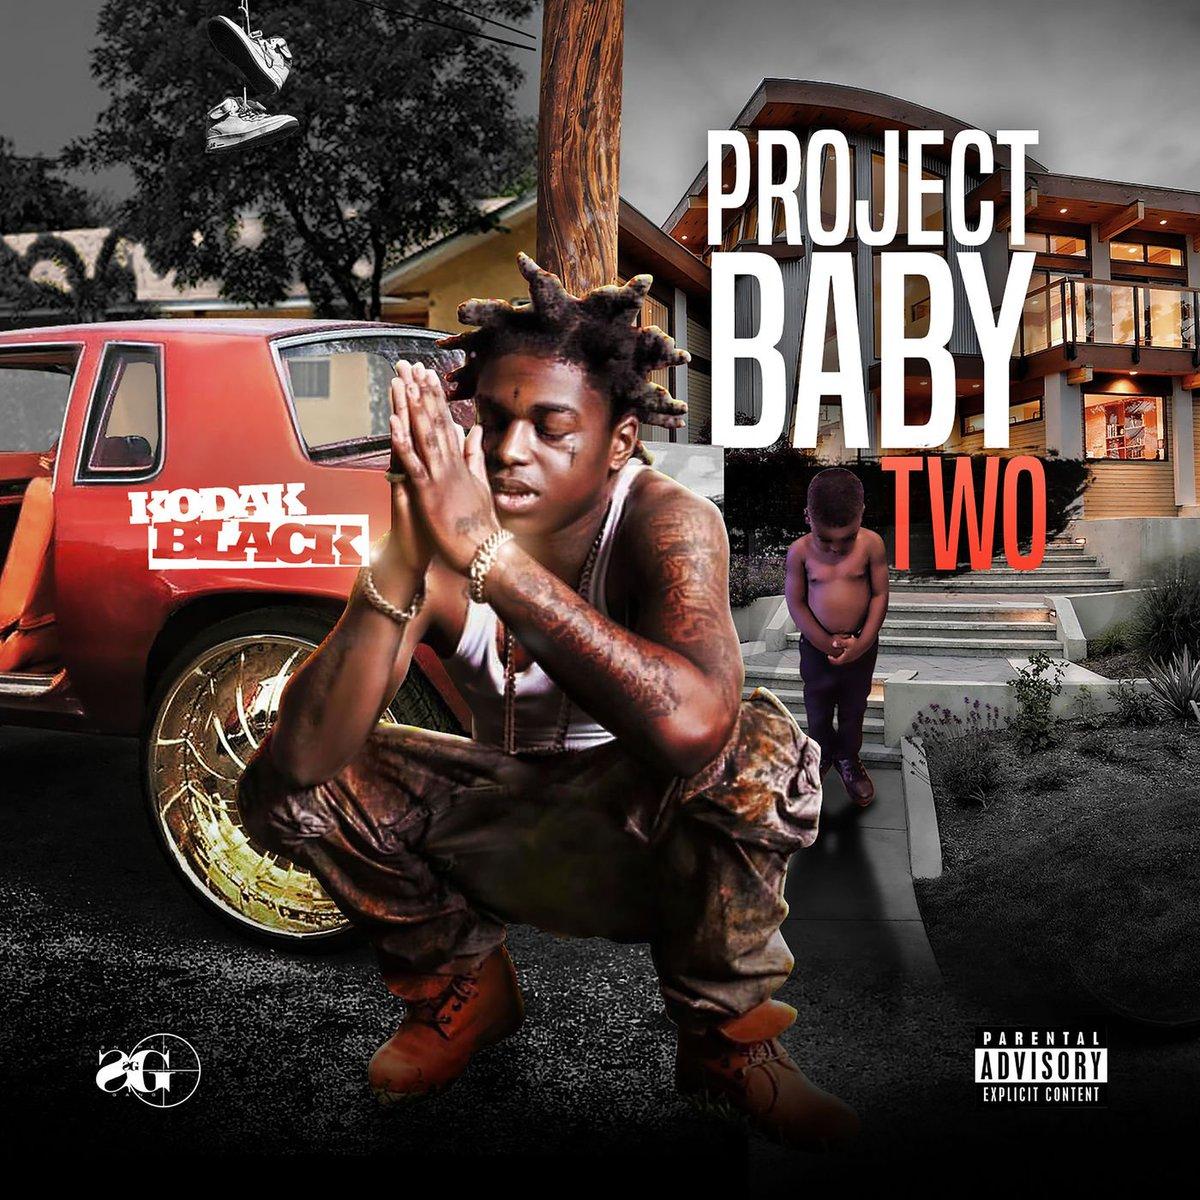 🚨 @KodakBlack1k's #ProjectBaby2 album is out now! 🚨  https://t.co/UXln...